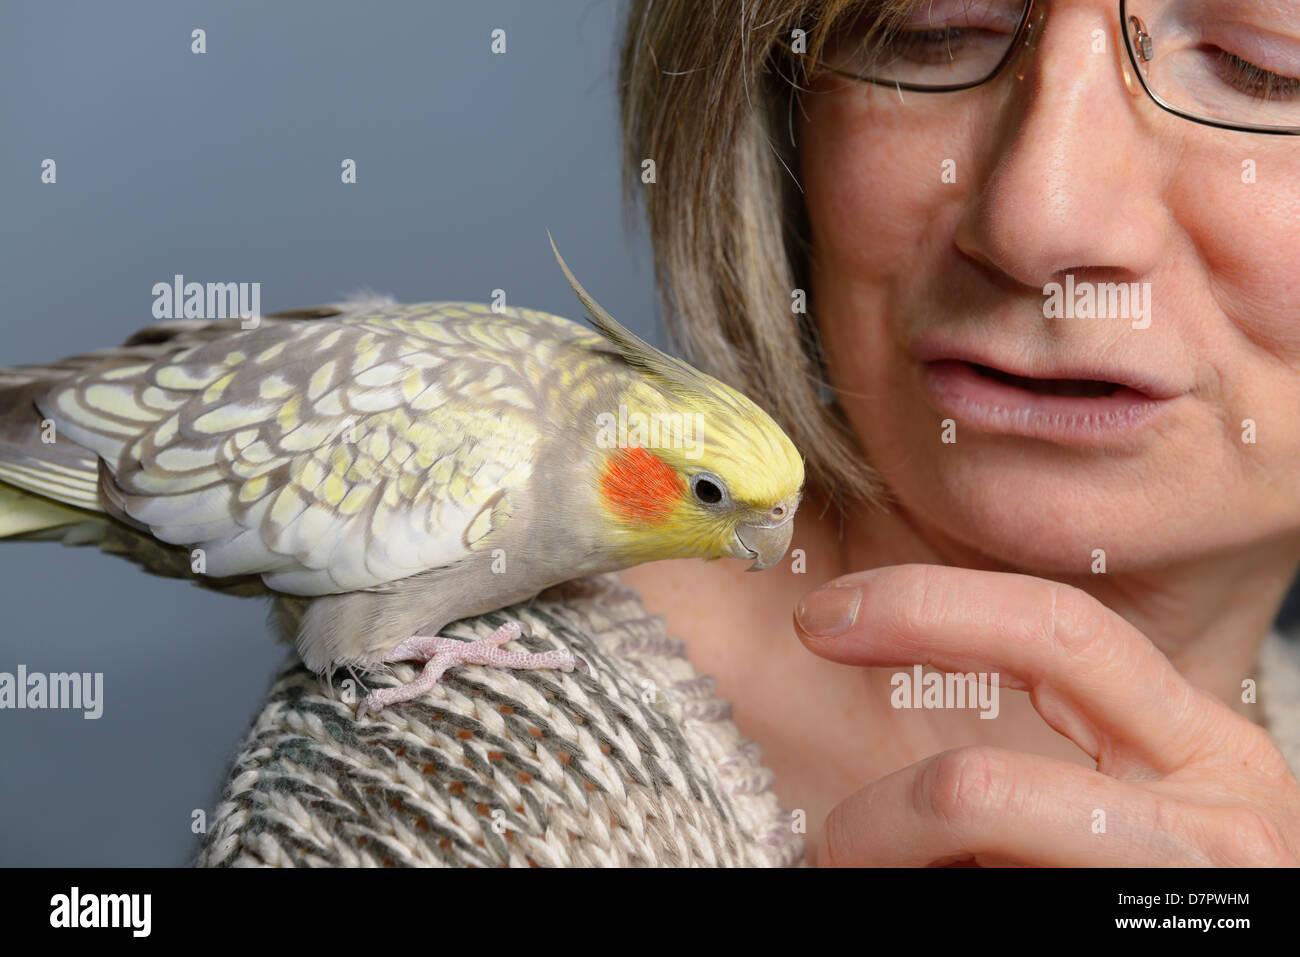 Ambiance animal femelle cockatiel perle oiseau sur l'épaule de femme regardant son doigt Photo Stock